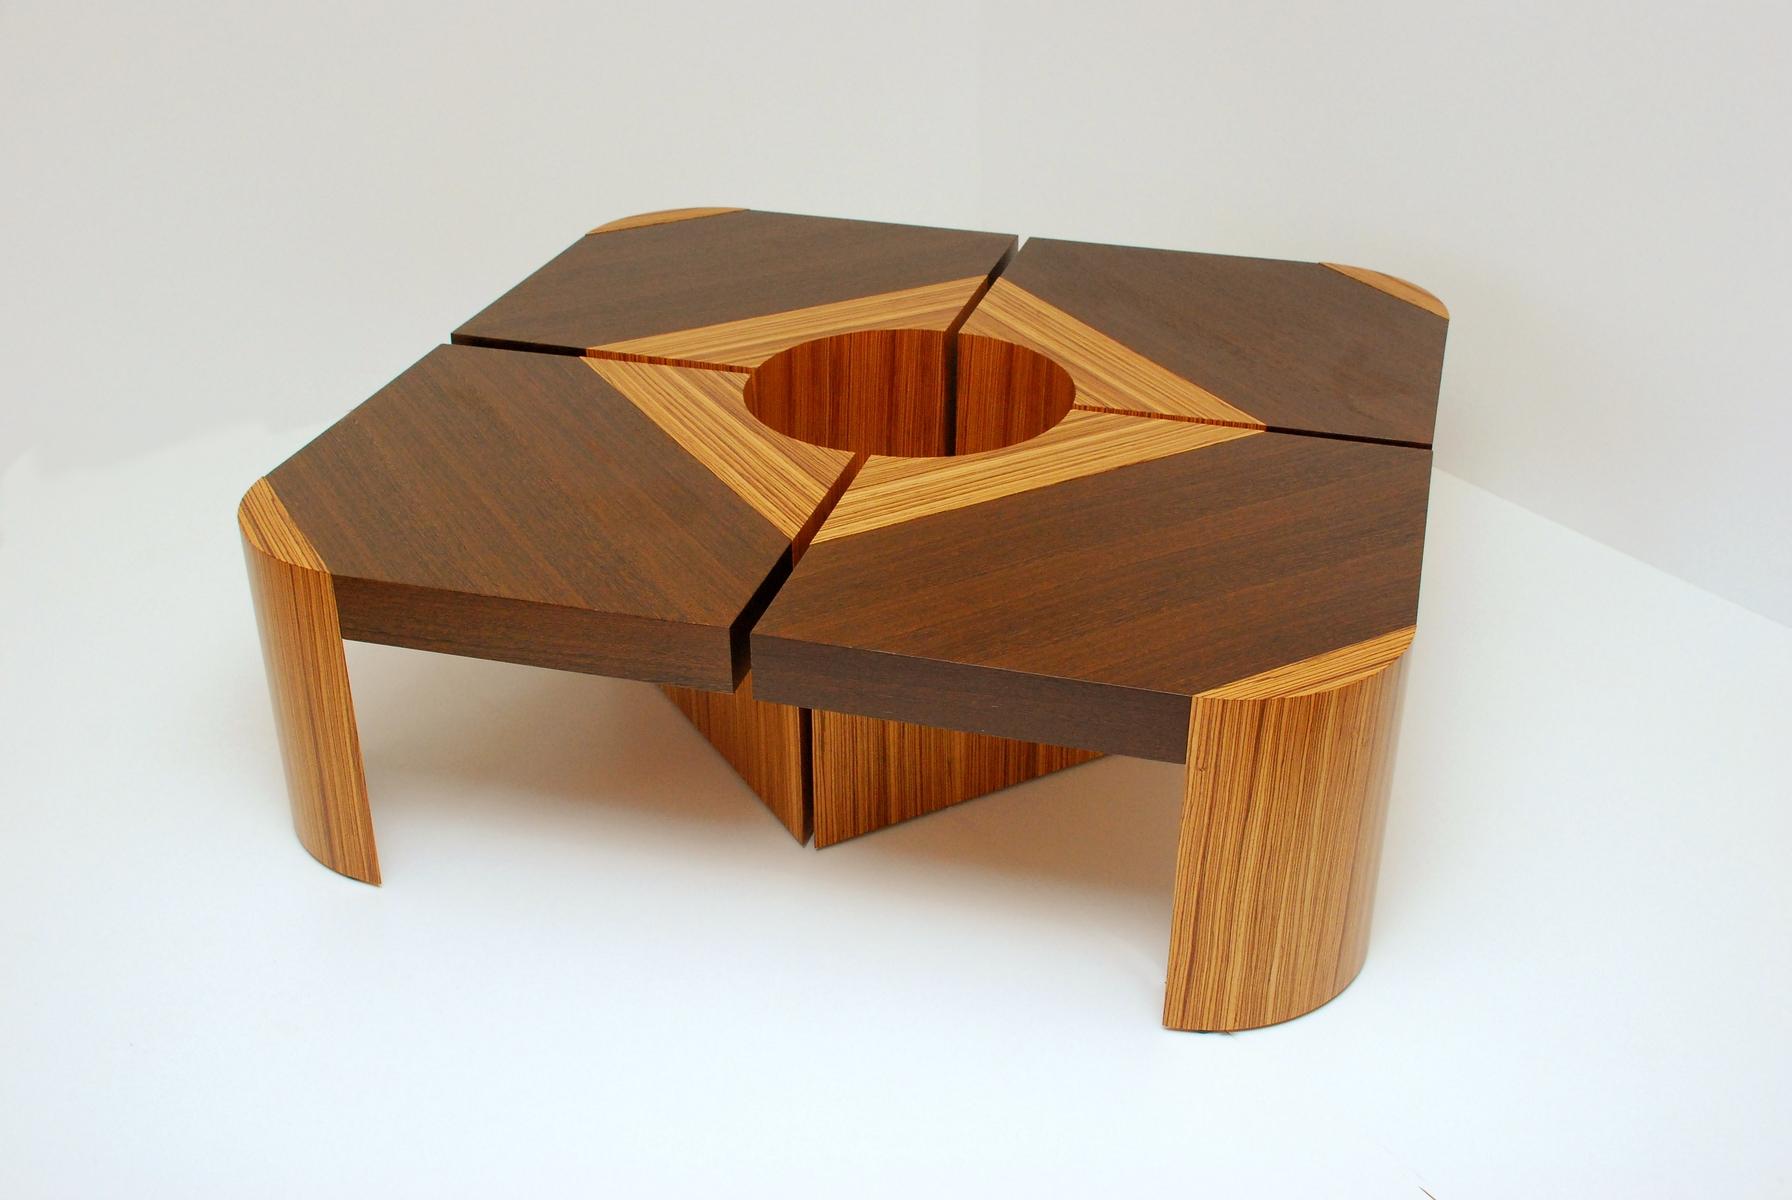 Handmade modern wood furniture - Handmade Modern Wood Furniture